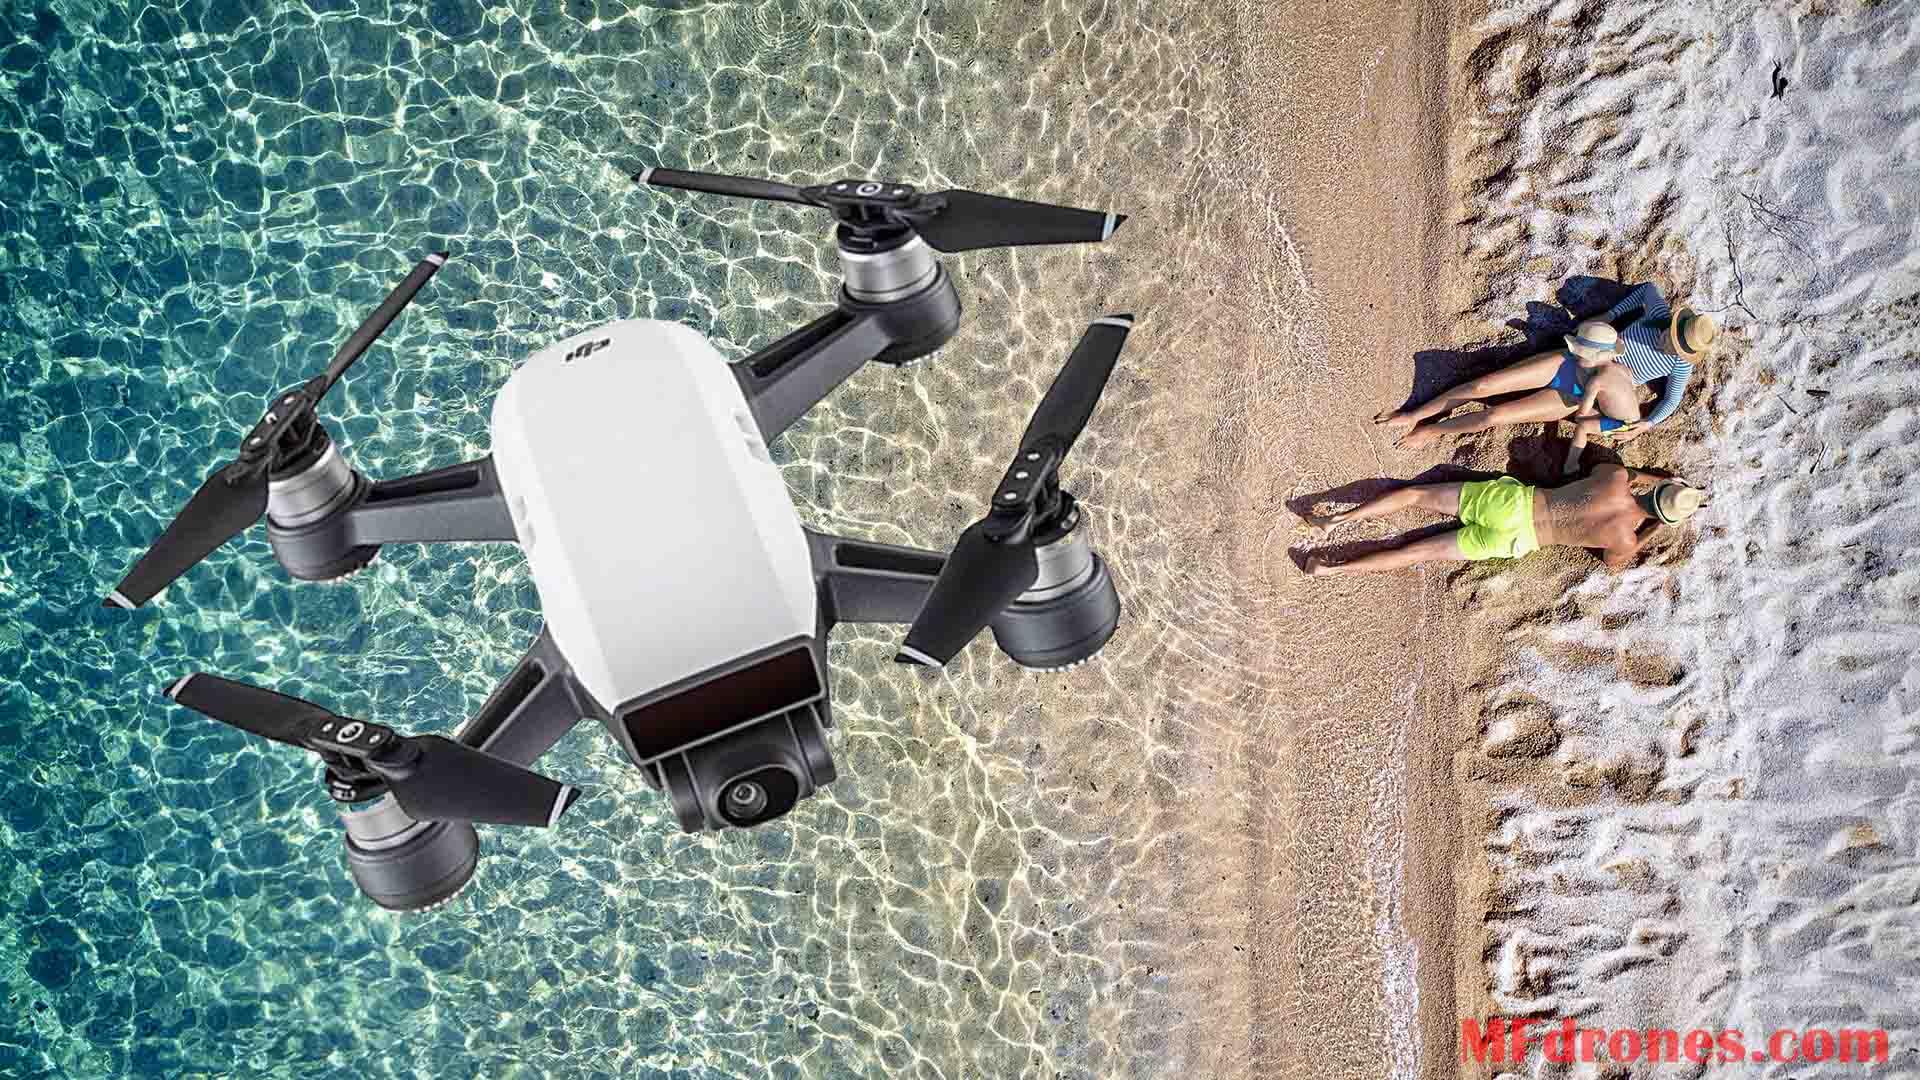 Best-Selfie-Drone